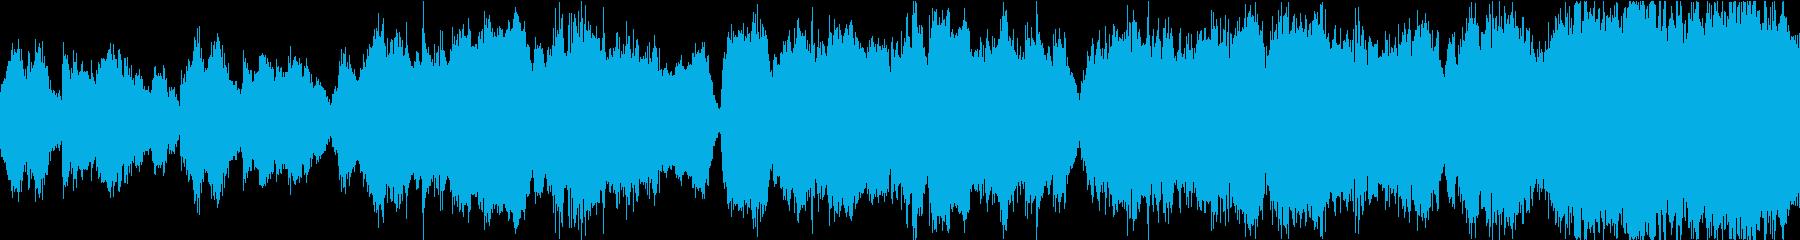 森のダンジョンで流れる神秘的な曲の再生済みの波形